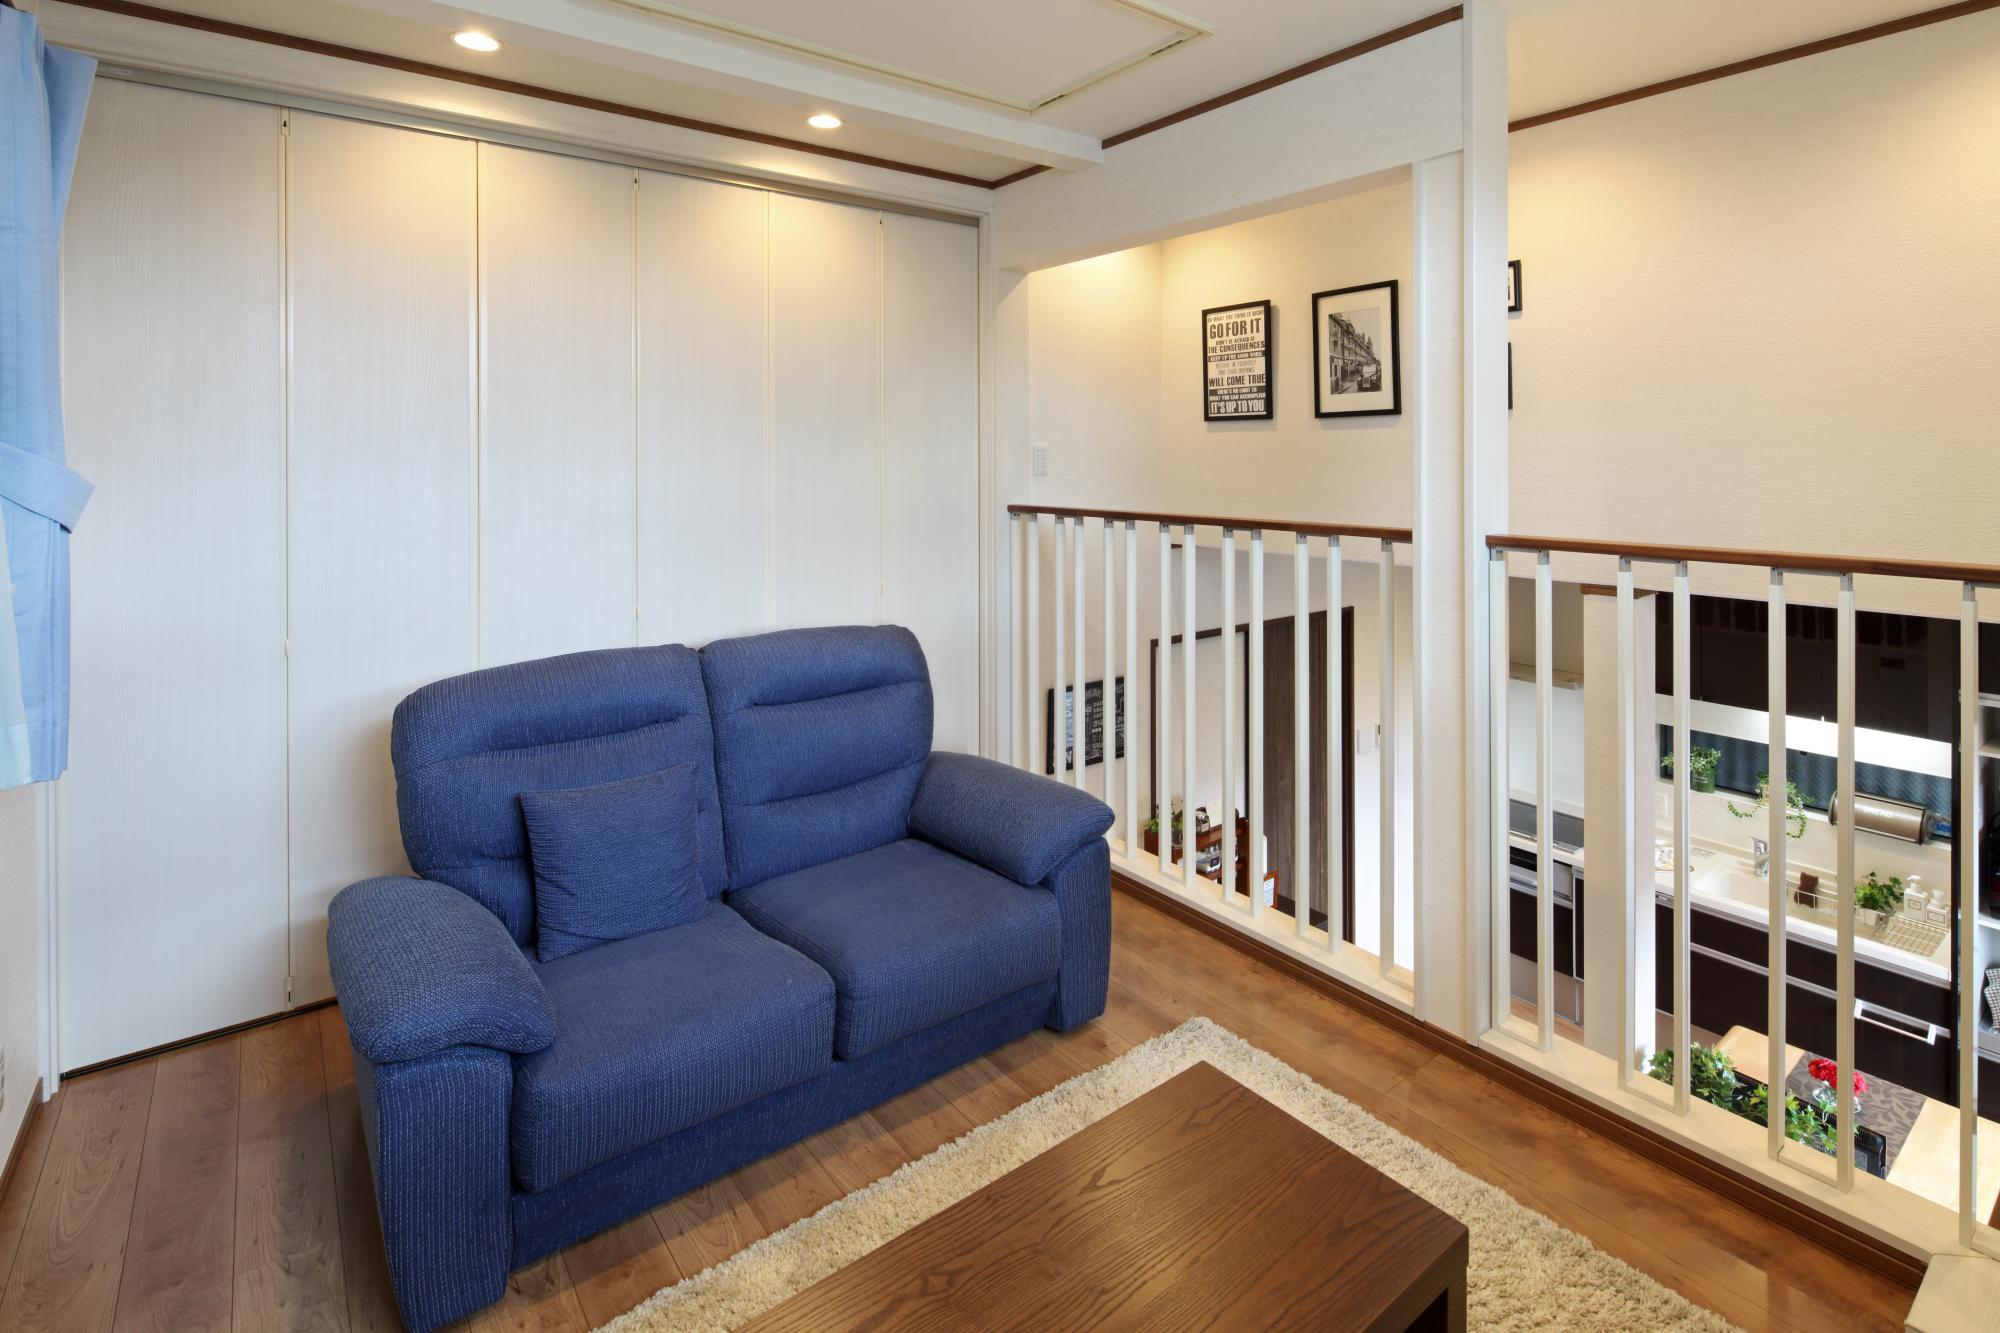 リビングの背後には書斎スペースにもなる予備室を確保。 引戸で間仕切ることもできるので、日常のストレスを解消する大切な場所になっています